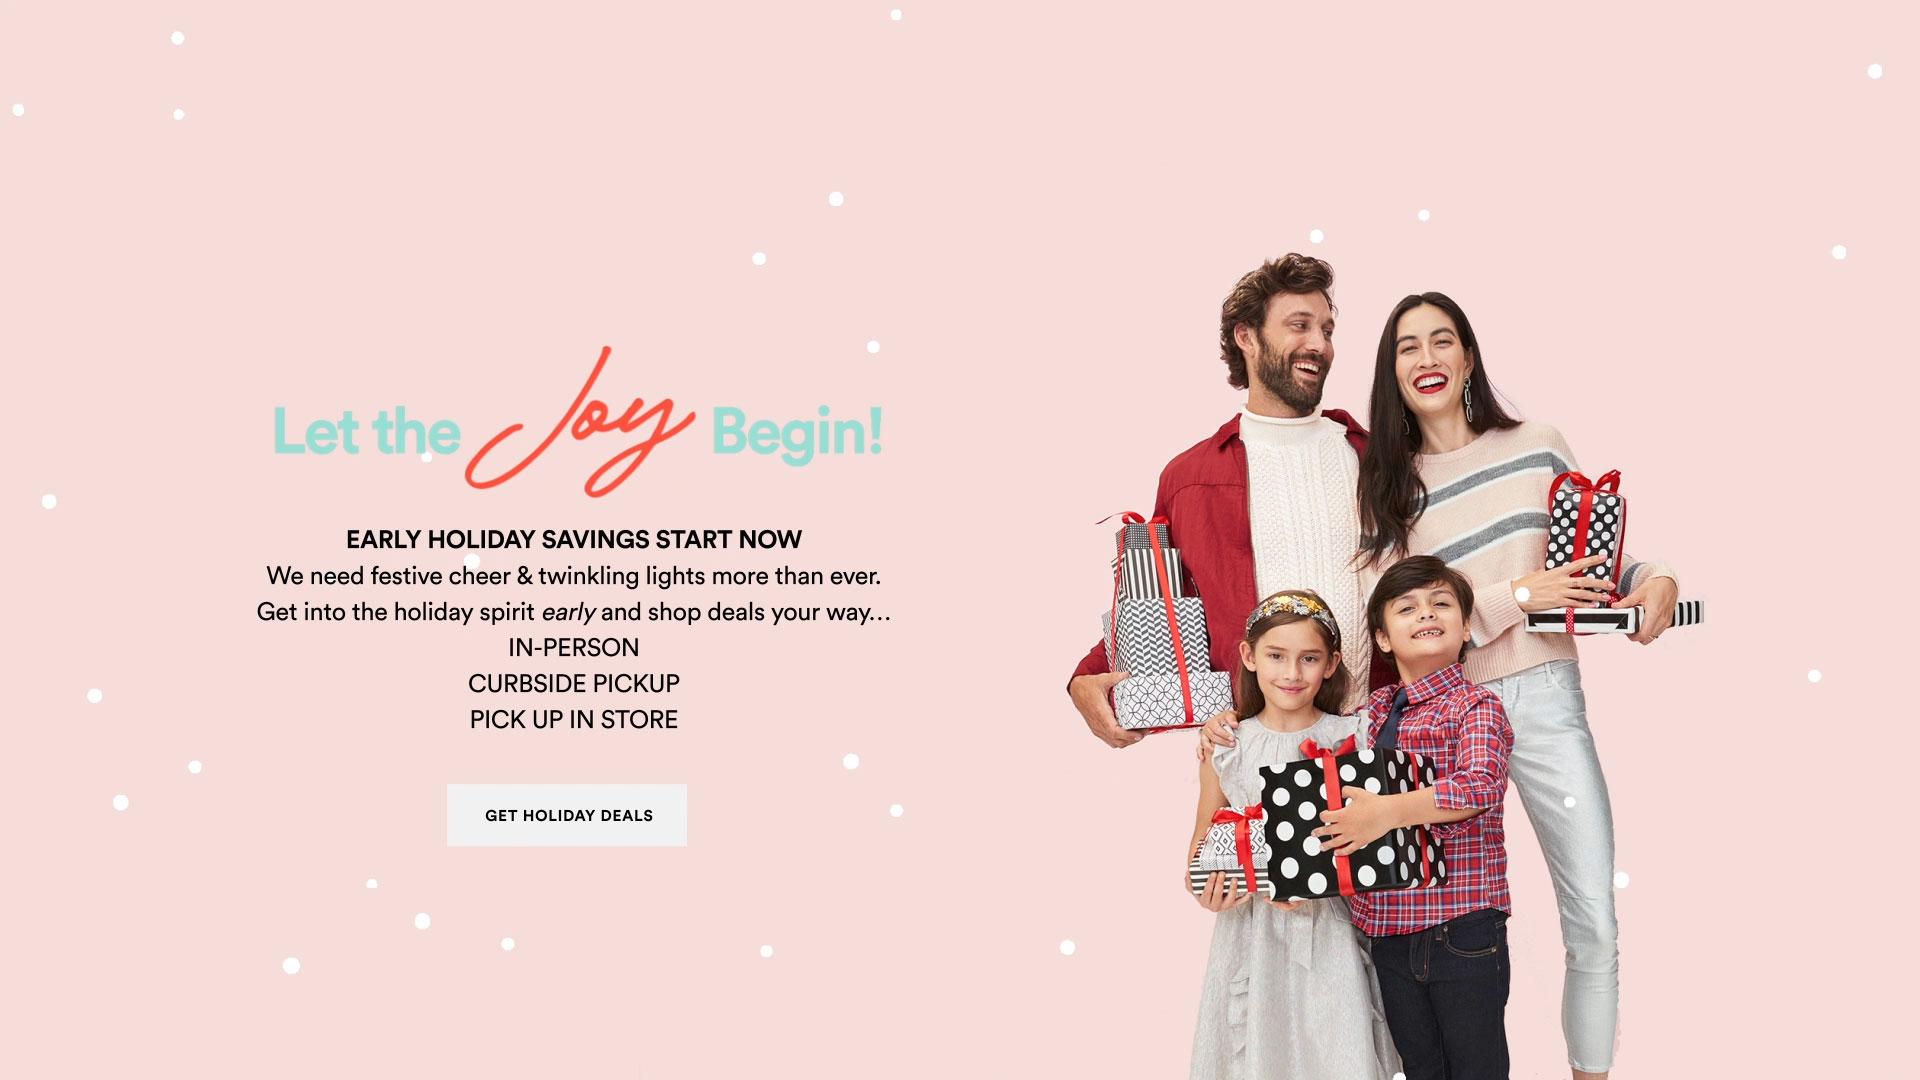 montreal - hero - let the joy/savings begin image